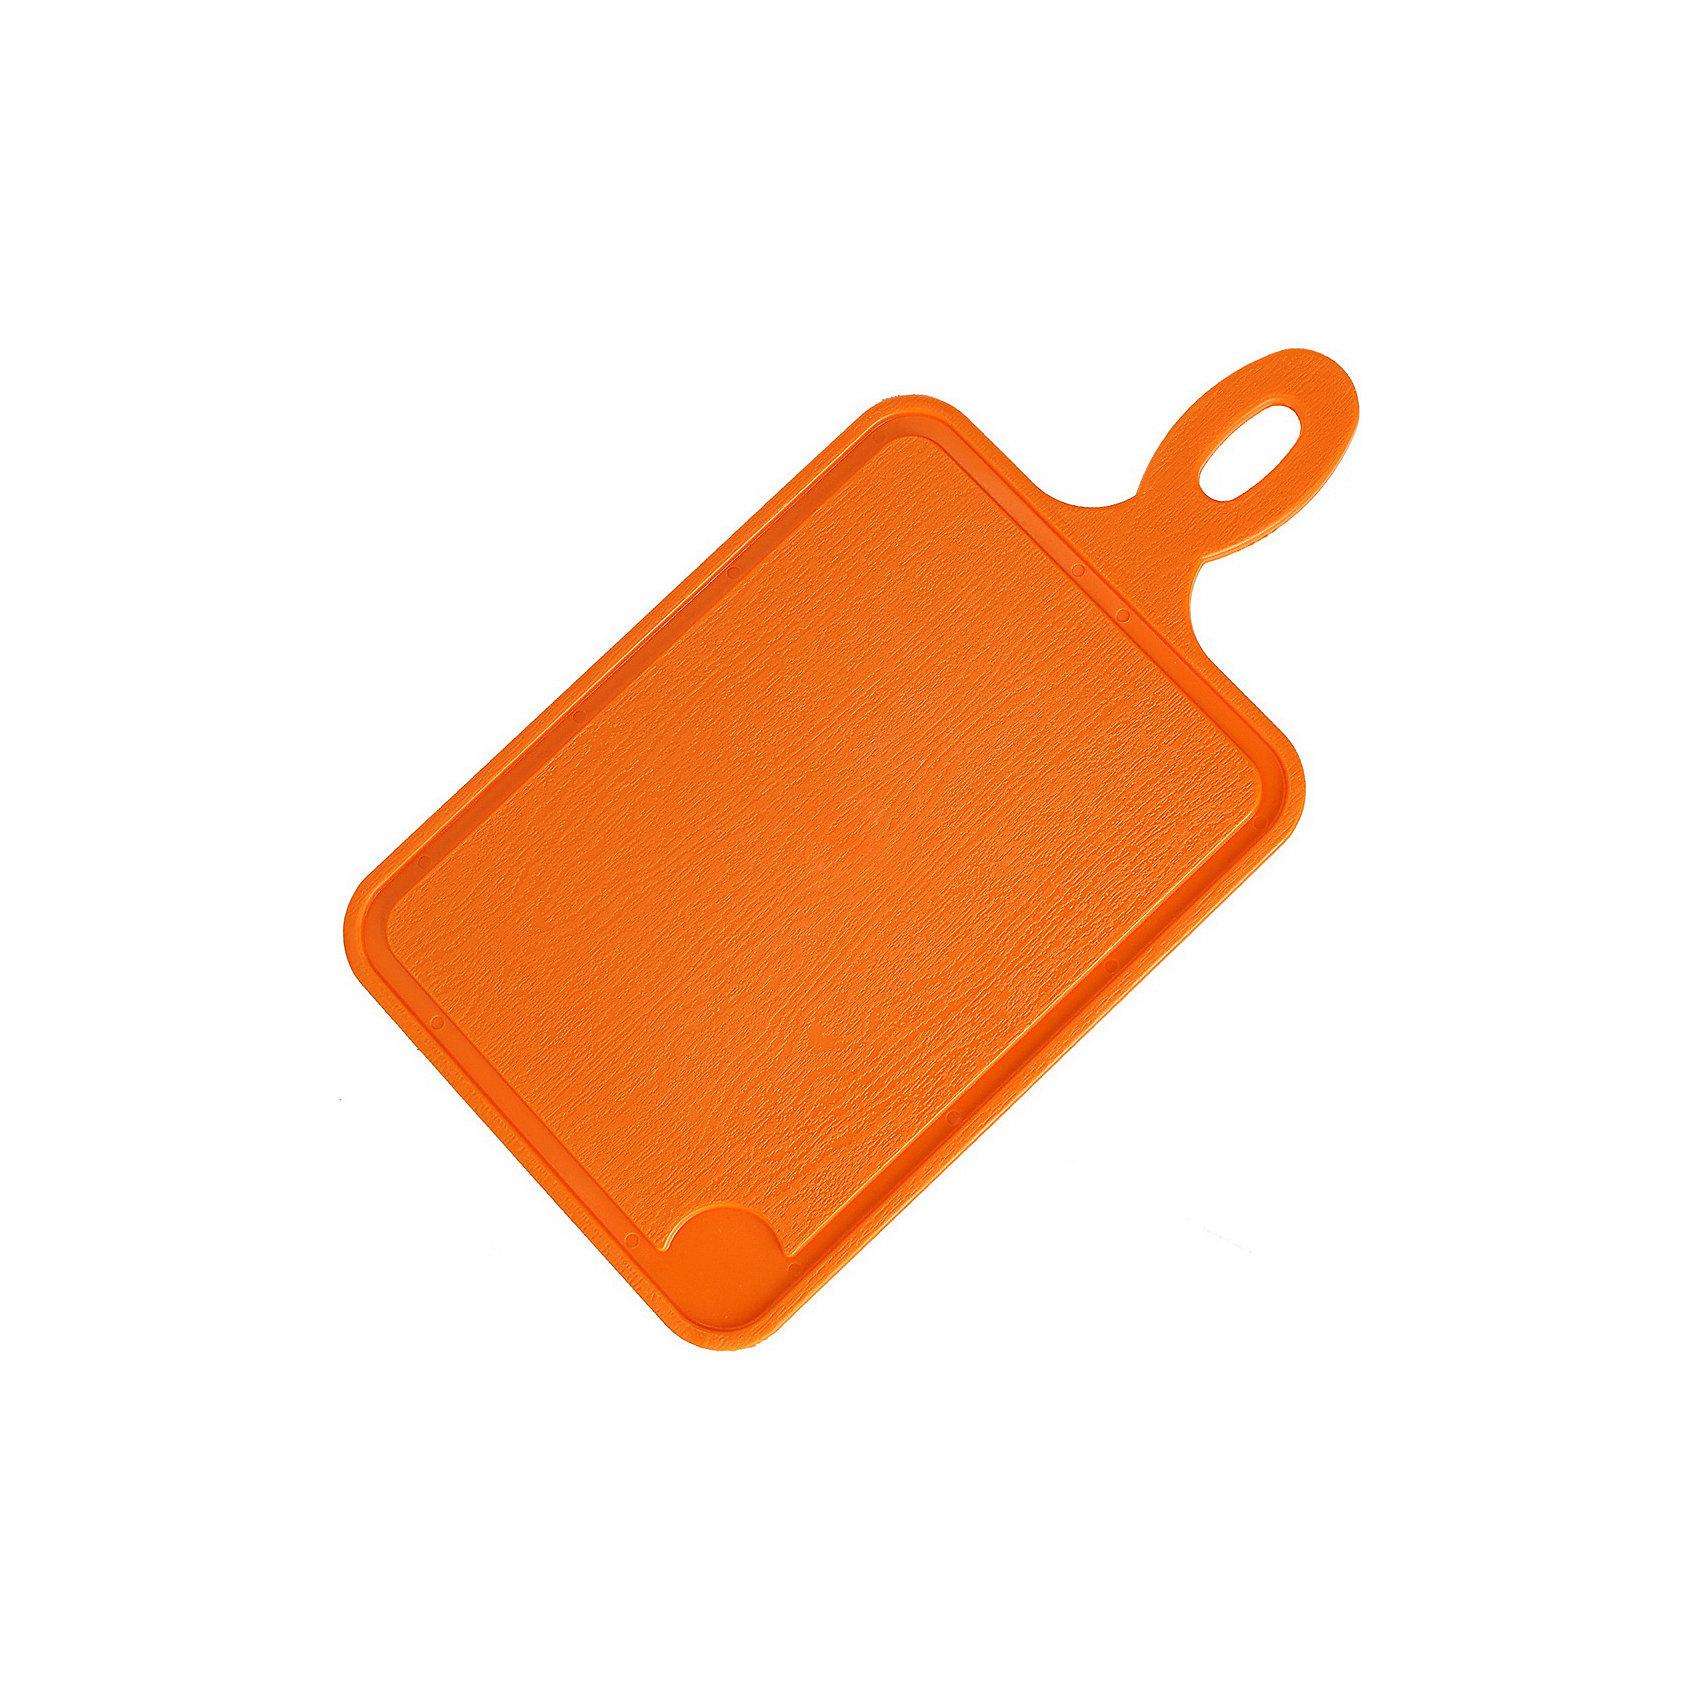 Доска разделочная №1, Plastic CentreПосуда<br>Доска разделочная №1, Plastic Centre<br><br>Характеристики:<br><br>• Цвет: зеленый<br>• Материал: пластик<br>• В комплекте: 1 штука<br>• Размер: 35х19 см<br><br>Хорошие разделочные доски позволят вам легко навести порядок на вашей кухне и не отвлекаться на мелочи. Эта доска оснащена специальным желобком, который поможет слить стекающую воду, не потревожив продукты. Изготовлены они из высококачественного пищевого пластика, который безопасен  для здоровья. Доска устойчива к запахам и порезам от ножа.<br><br>Доска разделочная №1, Plastic Centre  можно купить в нашем интернет-магазине.<br><br>Ширина мм: 350<br>Глубина мм: 190<br>Высота мм: 7<br>Вес г: 242<br>Возраст от месяцев: 216<br>Возраст до месяцев: 1188<br>Пол: Унисекс<br>Возраст: Детский<br>SKU: 5545669